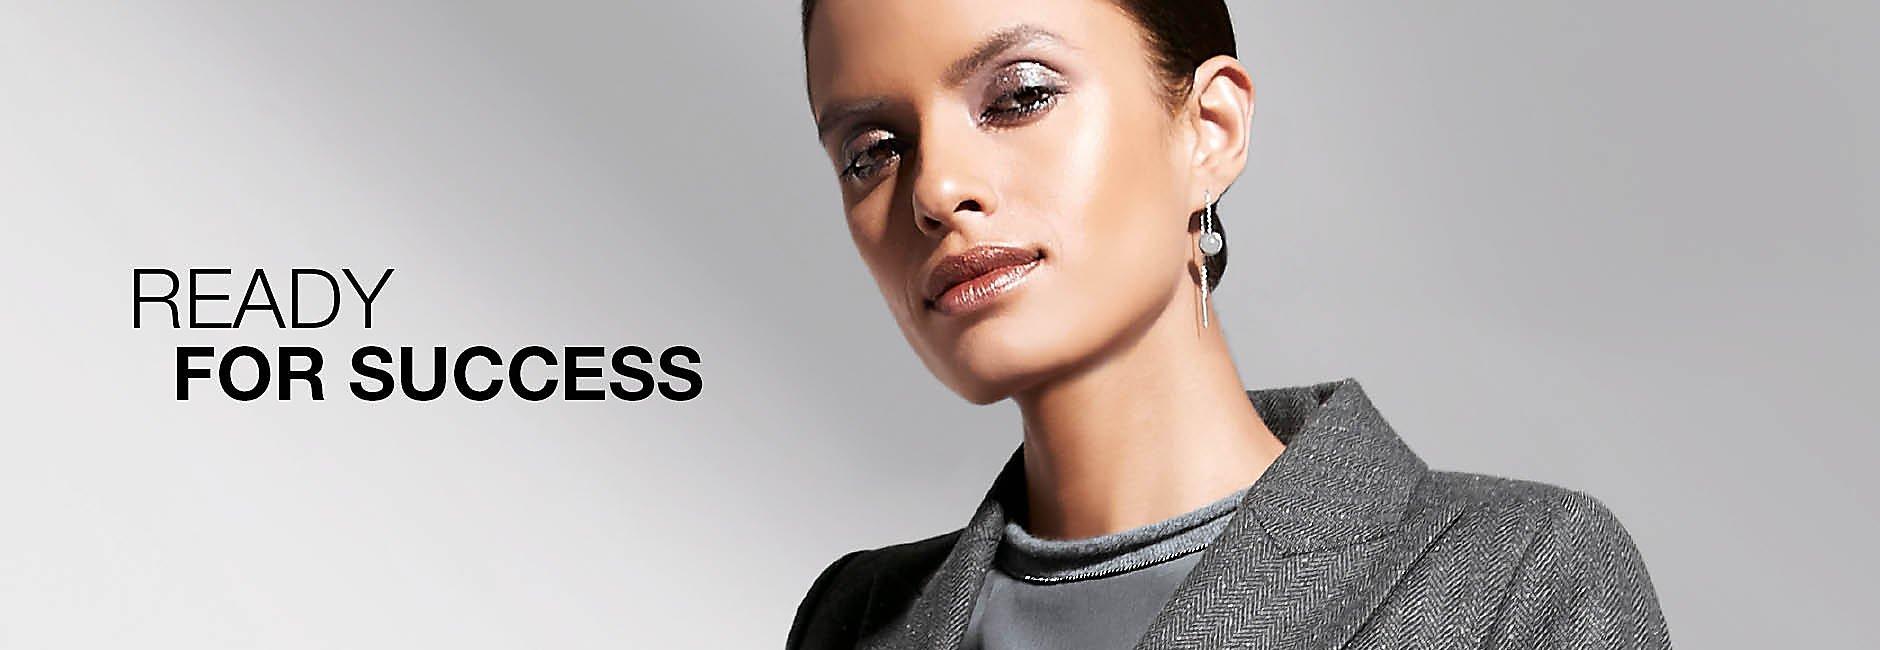 Wunderbar Business Mode Damen Galerie Von - Neue Kollektion